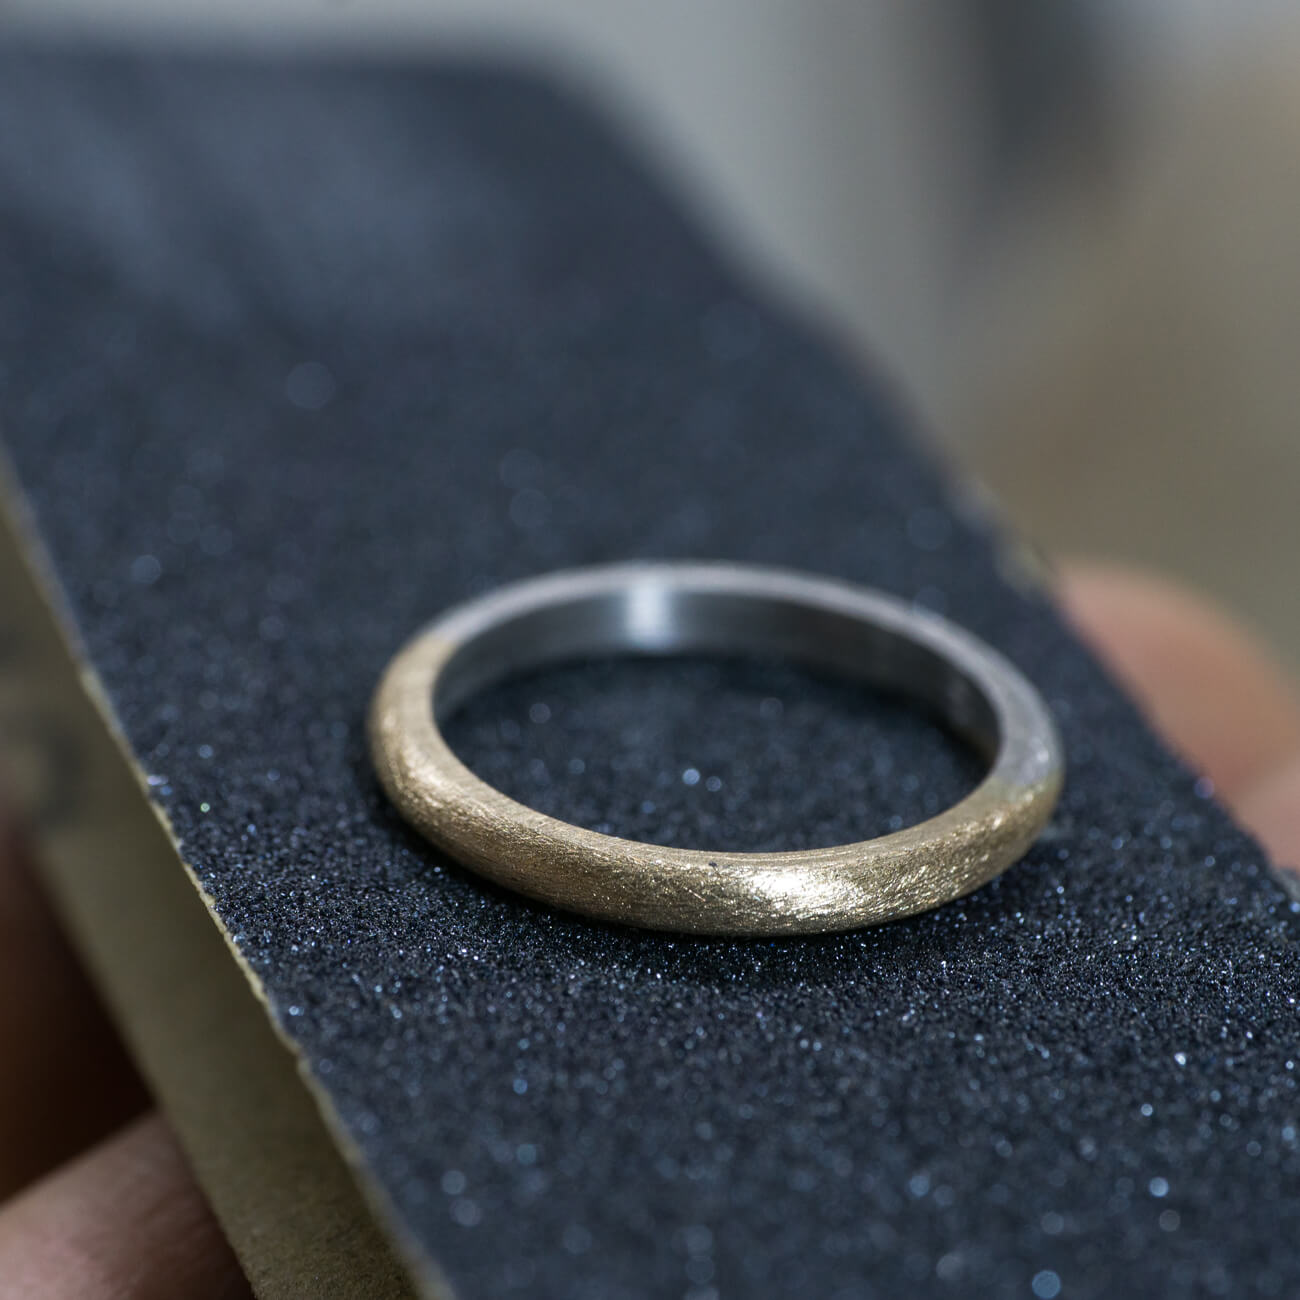 オーダーメイドマリッジリングの制作風景 ジュエリーのアトリエ プラチナ、ゴールド コンビネーションリング 屋久島でつくる結婚指輪